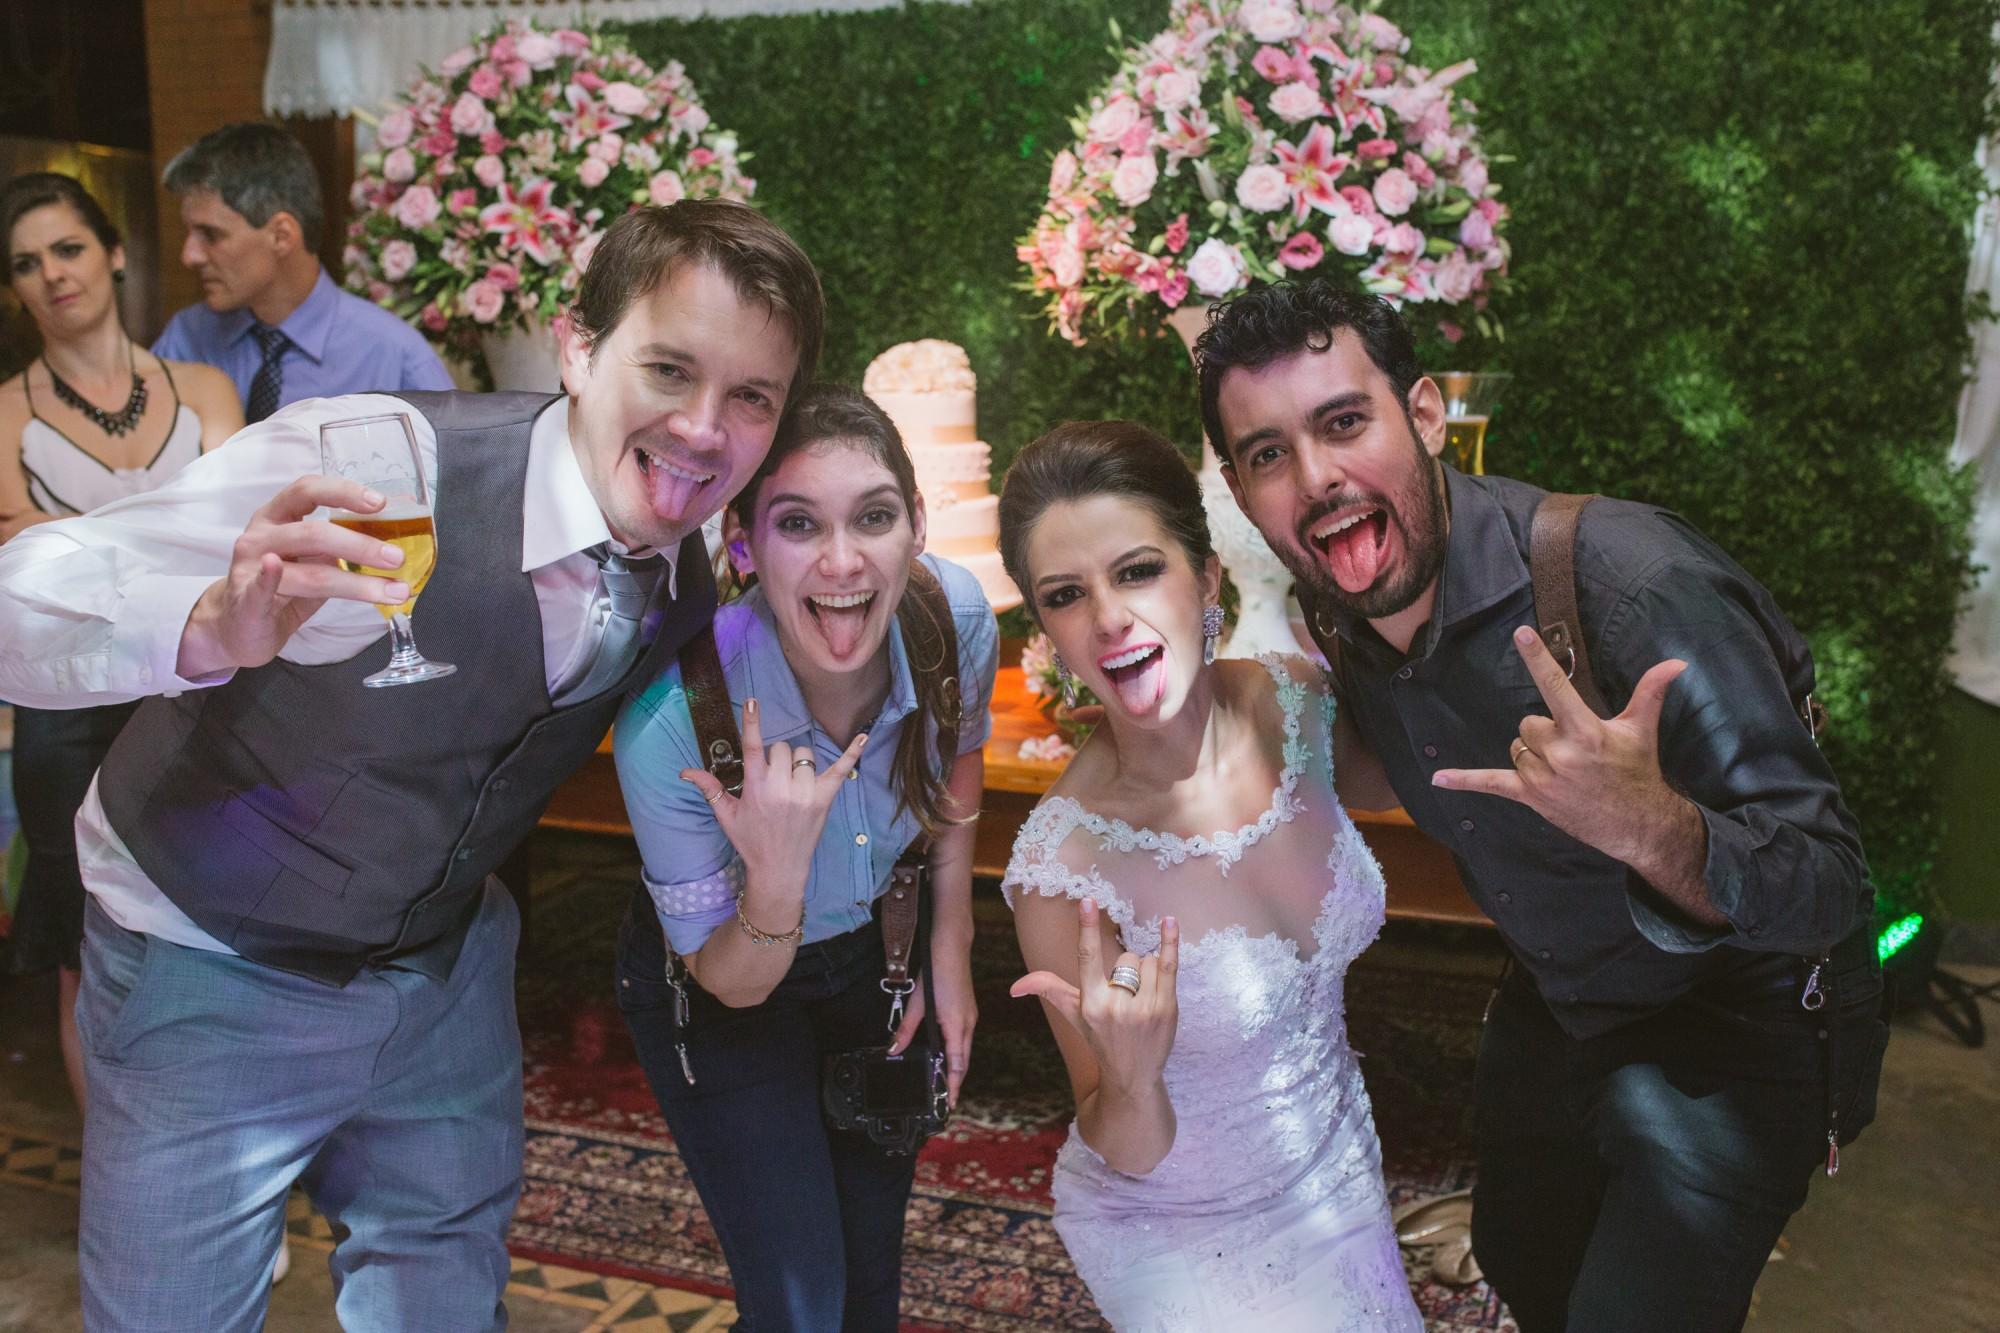 Maiara Kuki e Ricardo - Casamento em Palotina - PR por Lorran Souza e Léia Sotile - fotografo de casamentos00035